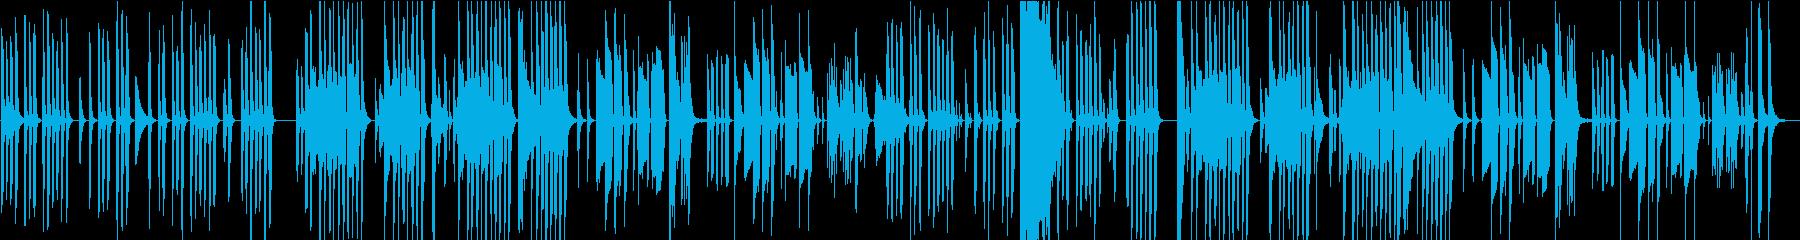 ほのぼのとコミカルで素朴な不思議な曲の再生済みの波形